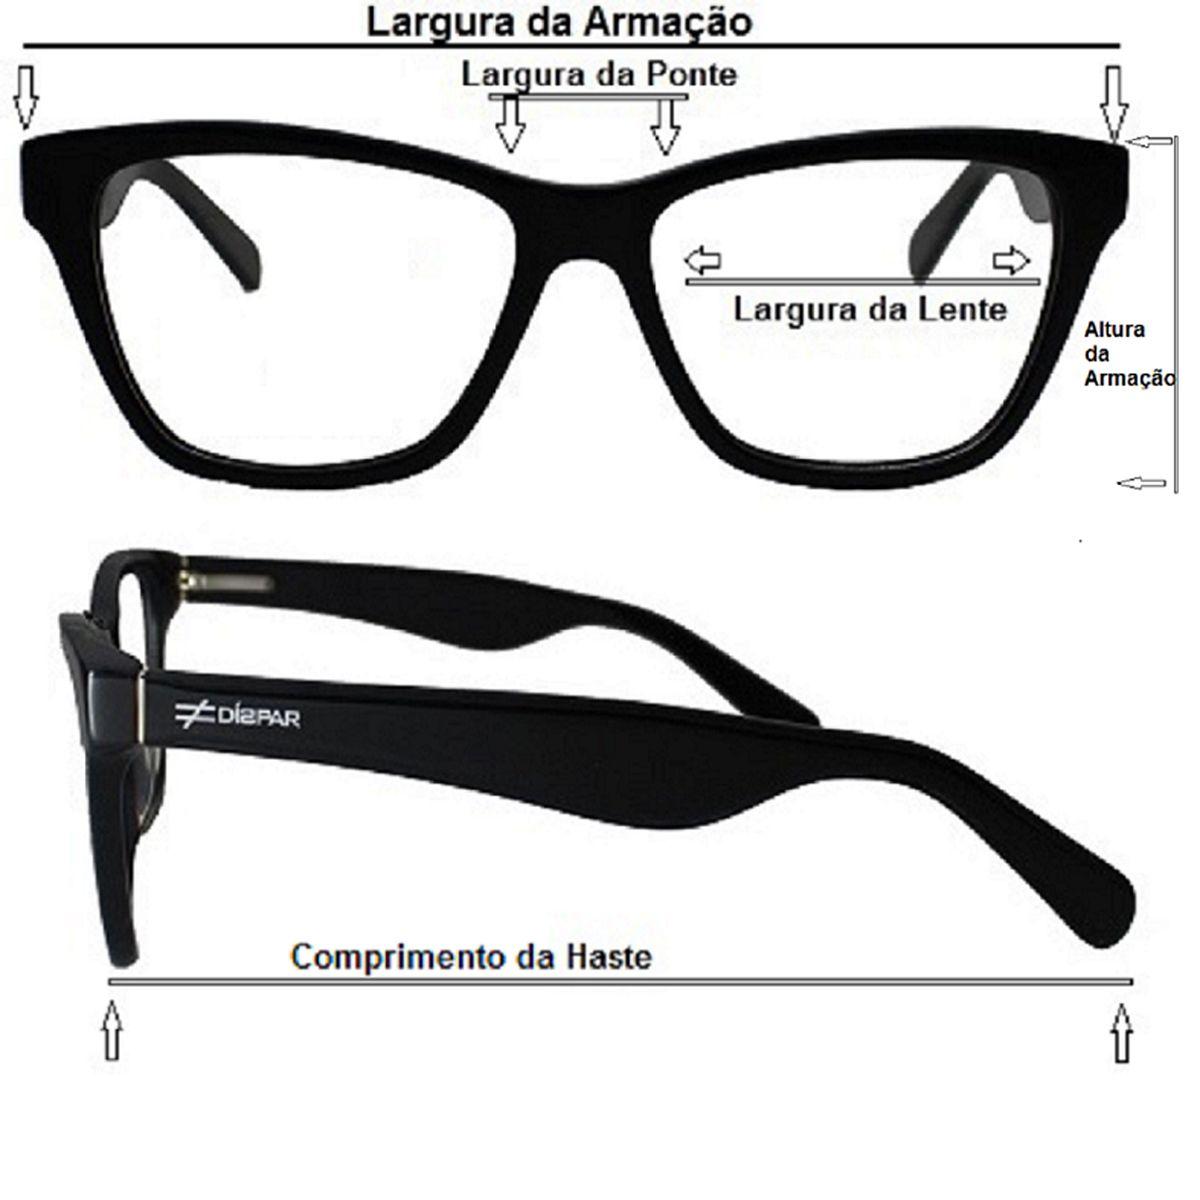 Óculos de Sol Díspar ID1963 Infantil - 6 a 9 anos - Preto